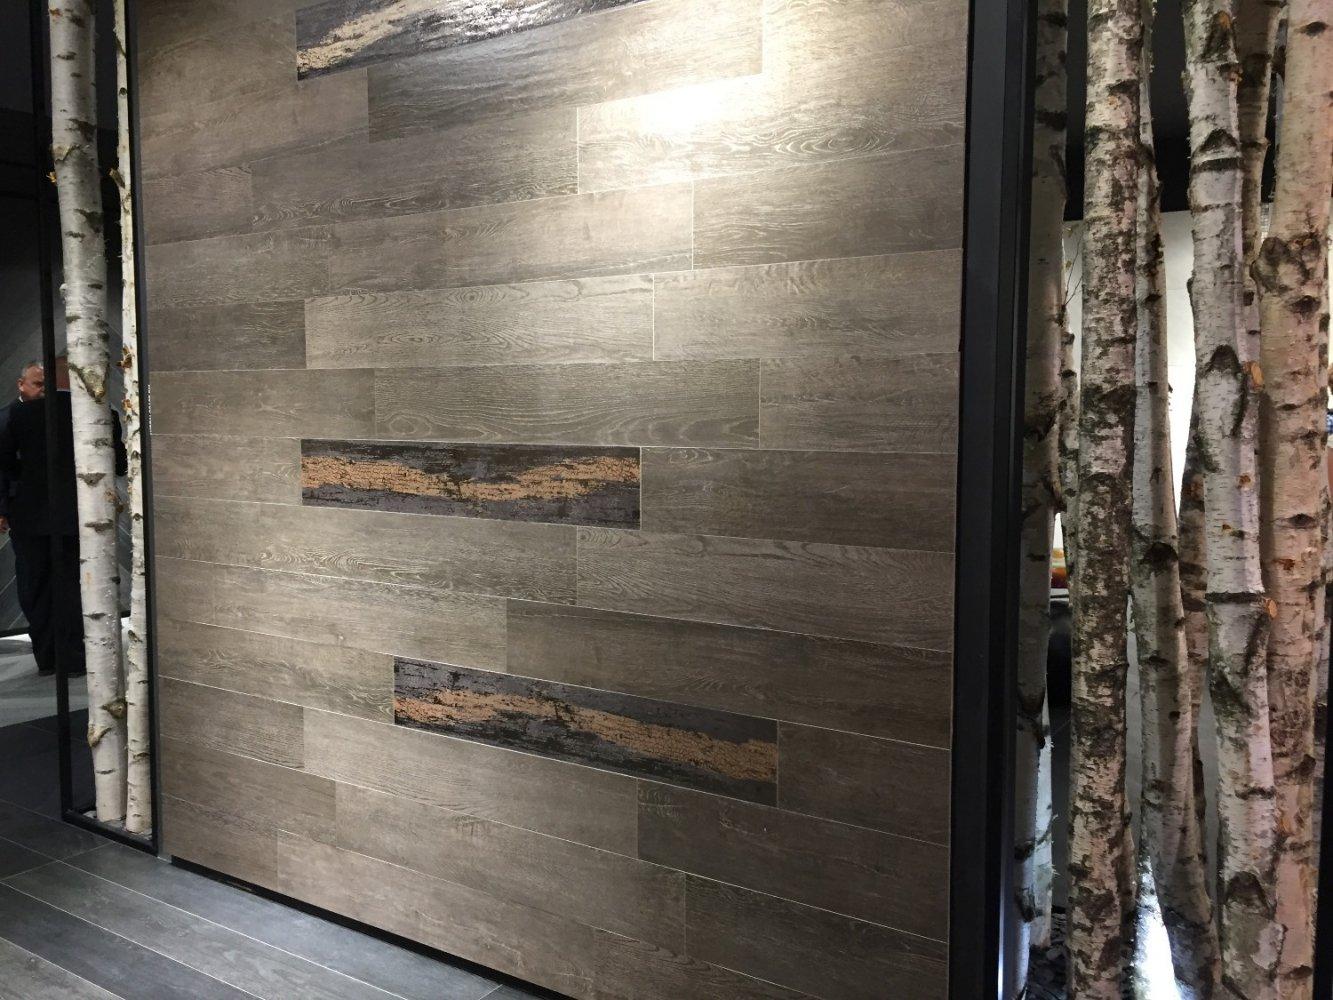 Carrelage Mural Sur Bois carrelage effet bois, inspiration parquet - carrelage et bain